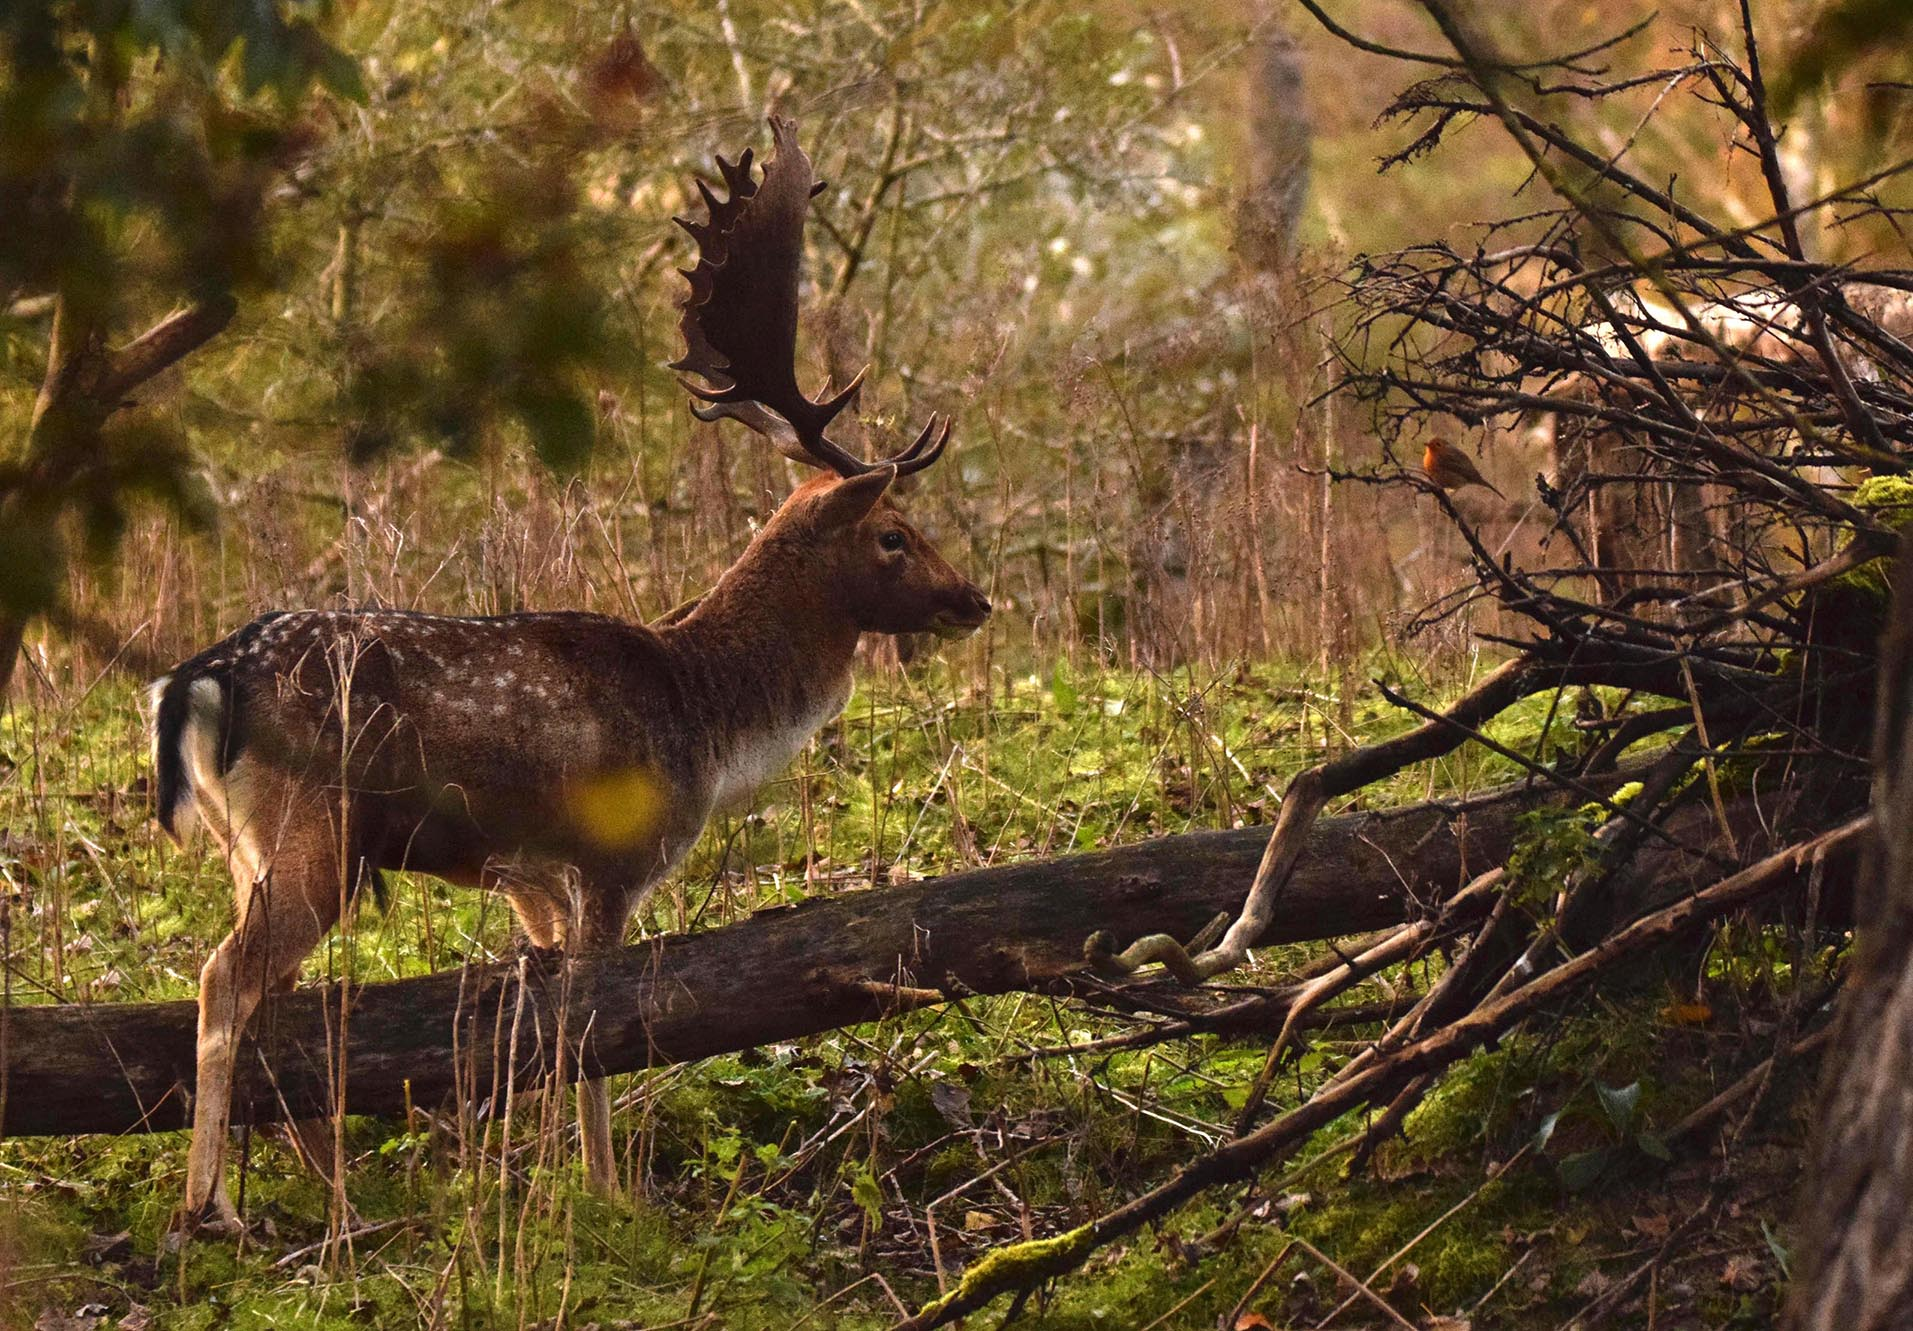 Het damhert kijkt nieuwsgierig naar het roodborstje - Foto: ©Nel Vlieland